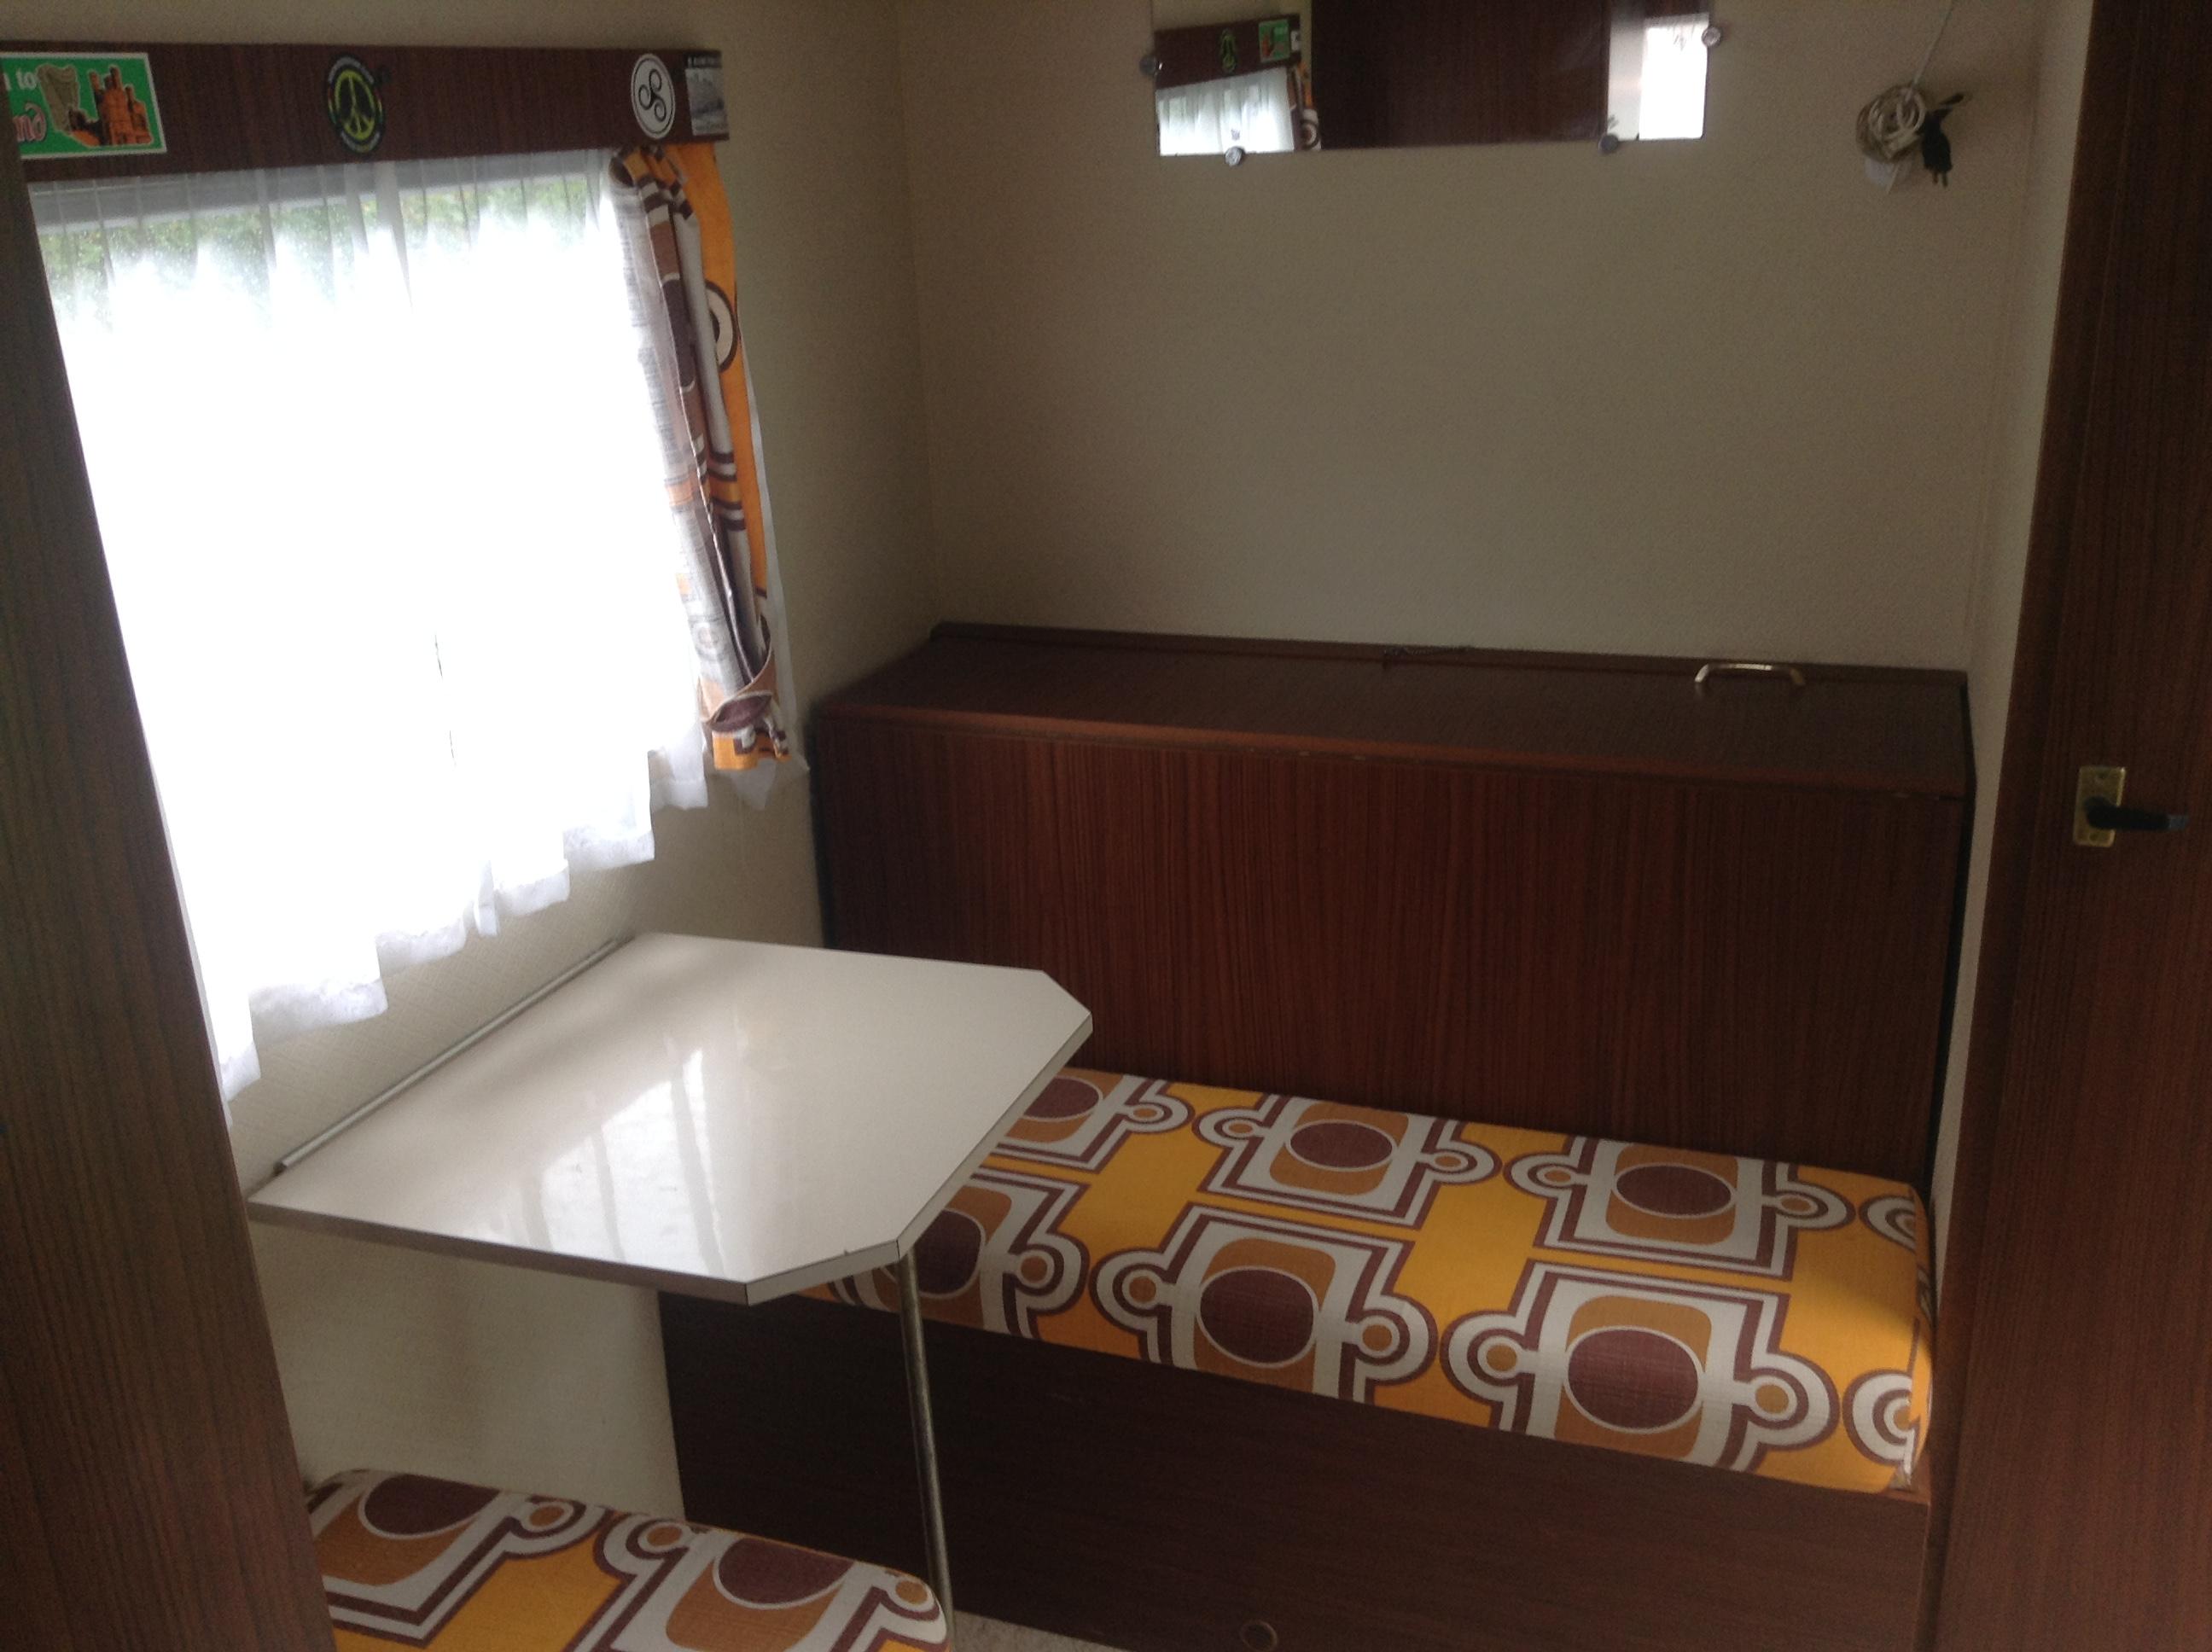 caravane caravelair occasion annonces de caravane occasion. Black Bedroom Furniture Sets. Home Design Ideas